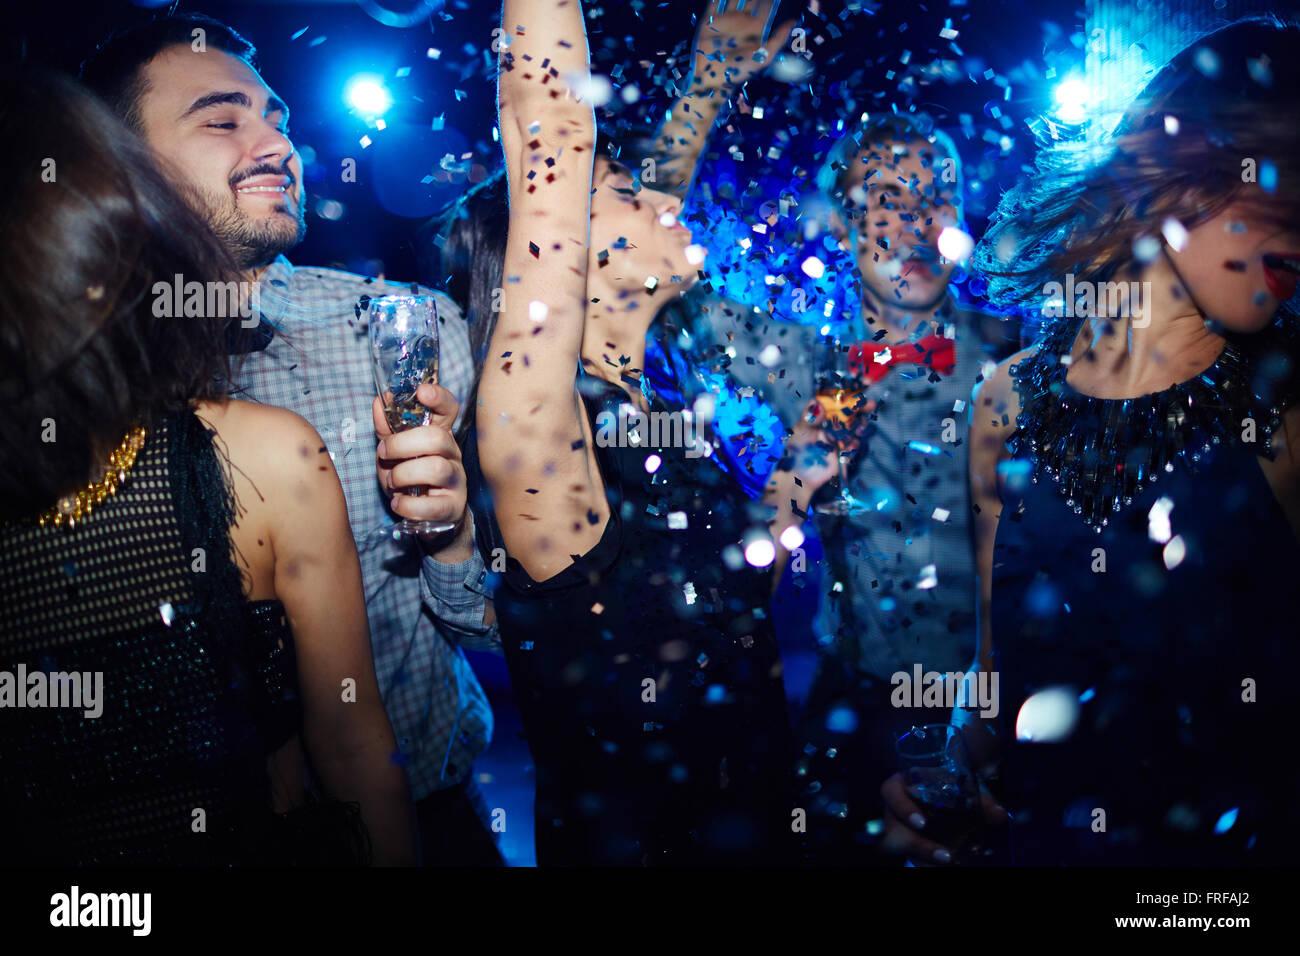 Danse énergique Photo Stock